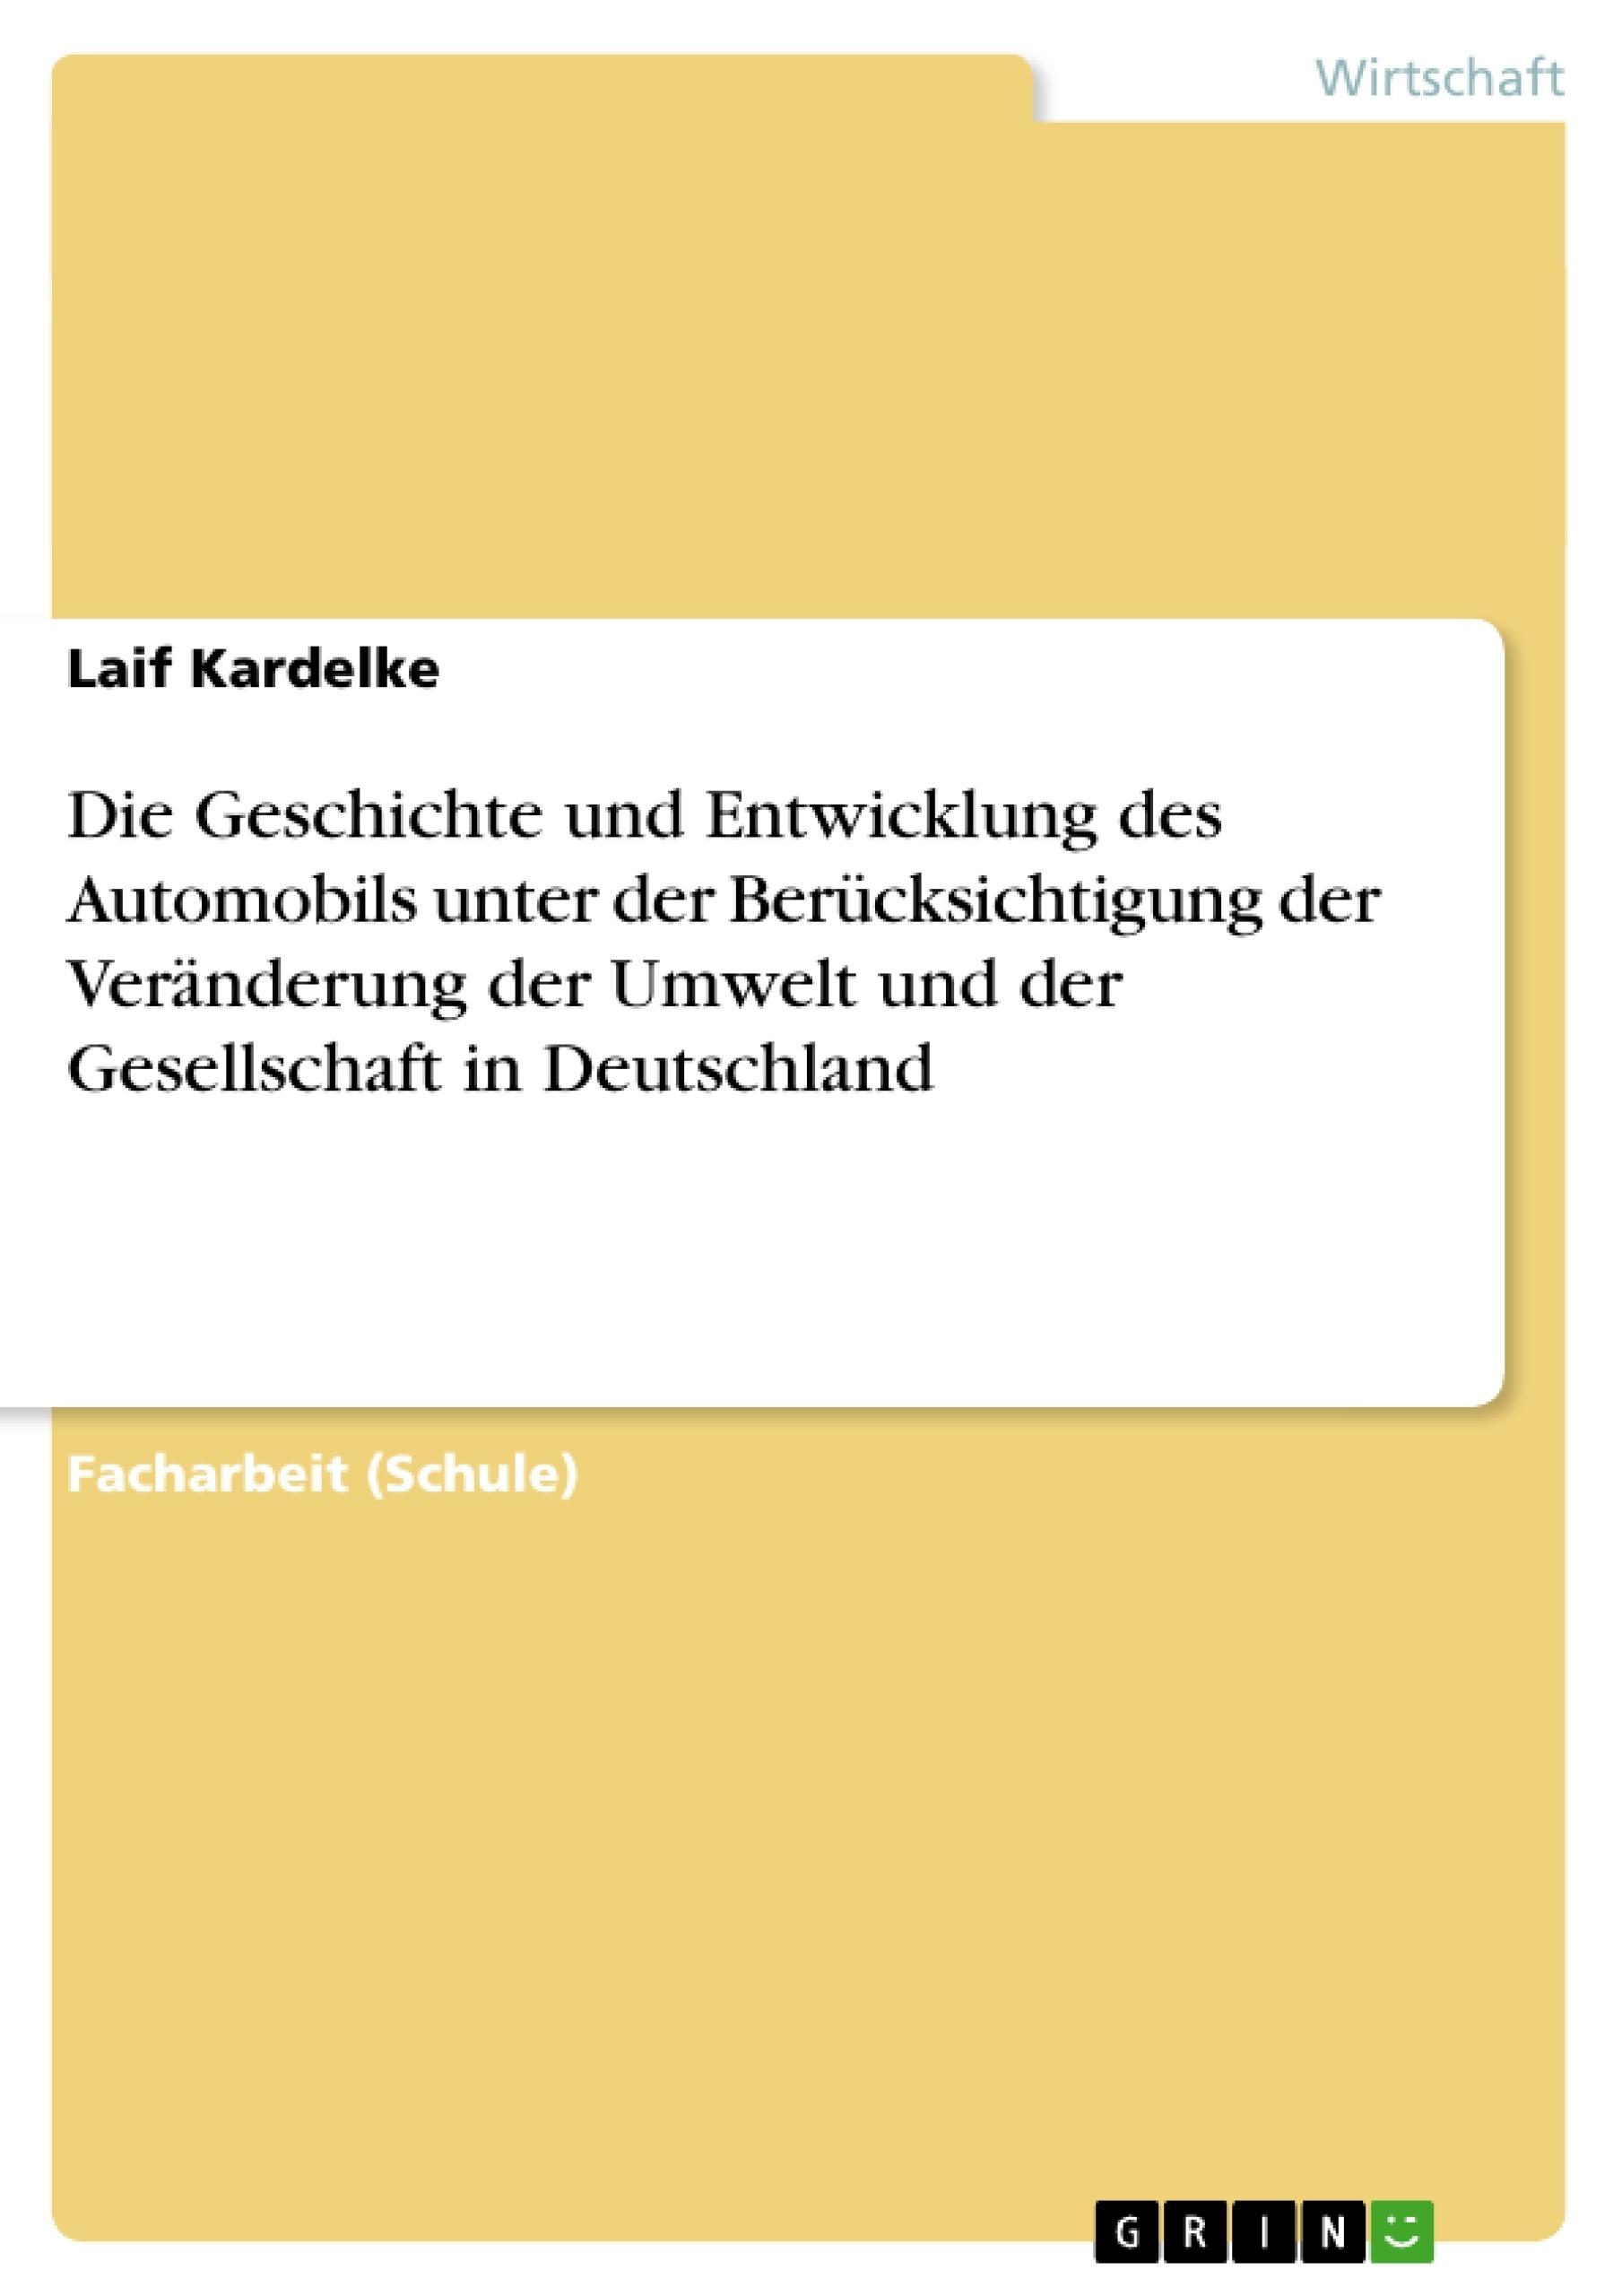 Titel: Die Geschichte und Entwicklung des Automobils unter der Berücksichtigung der Veränderung der Umwelt und der Gesellschaft in Deutschland